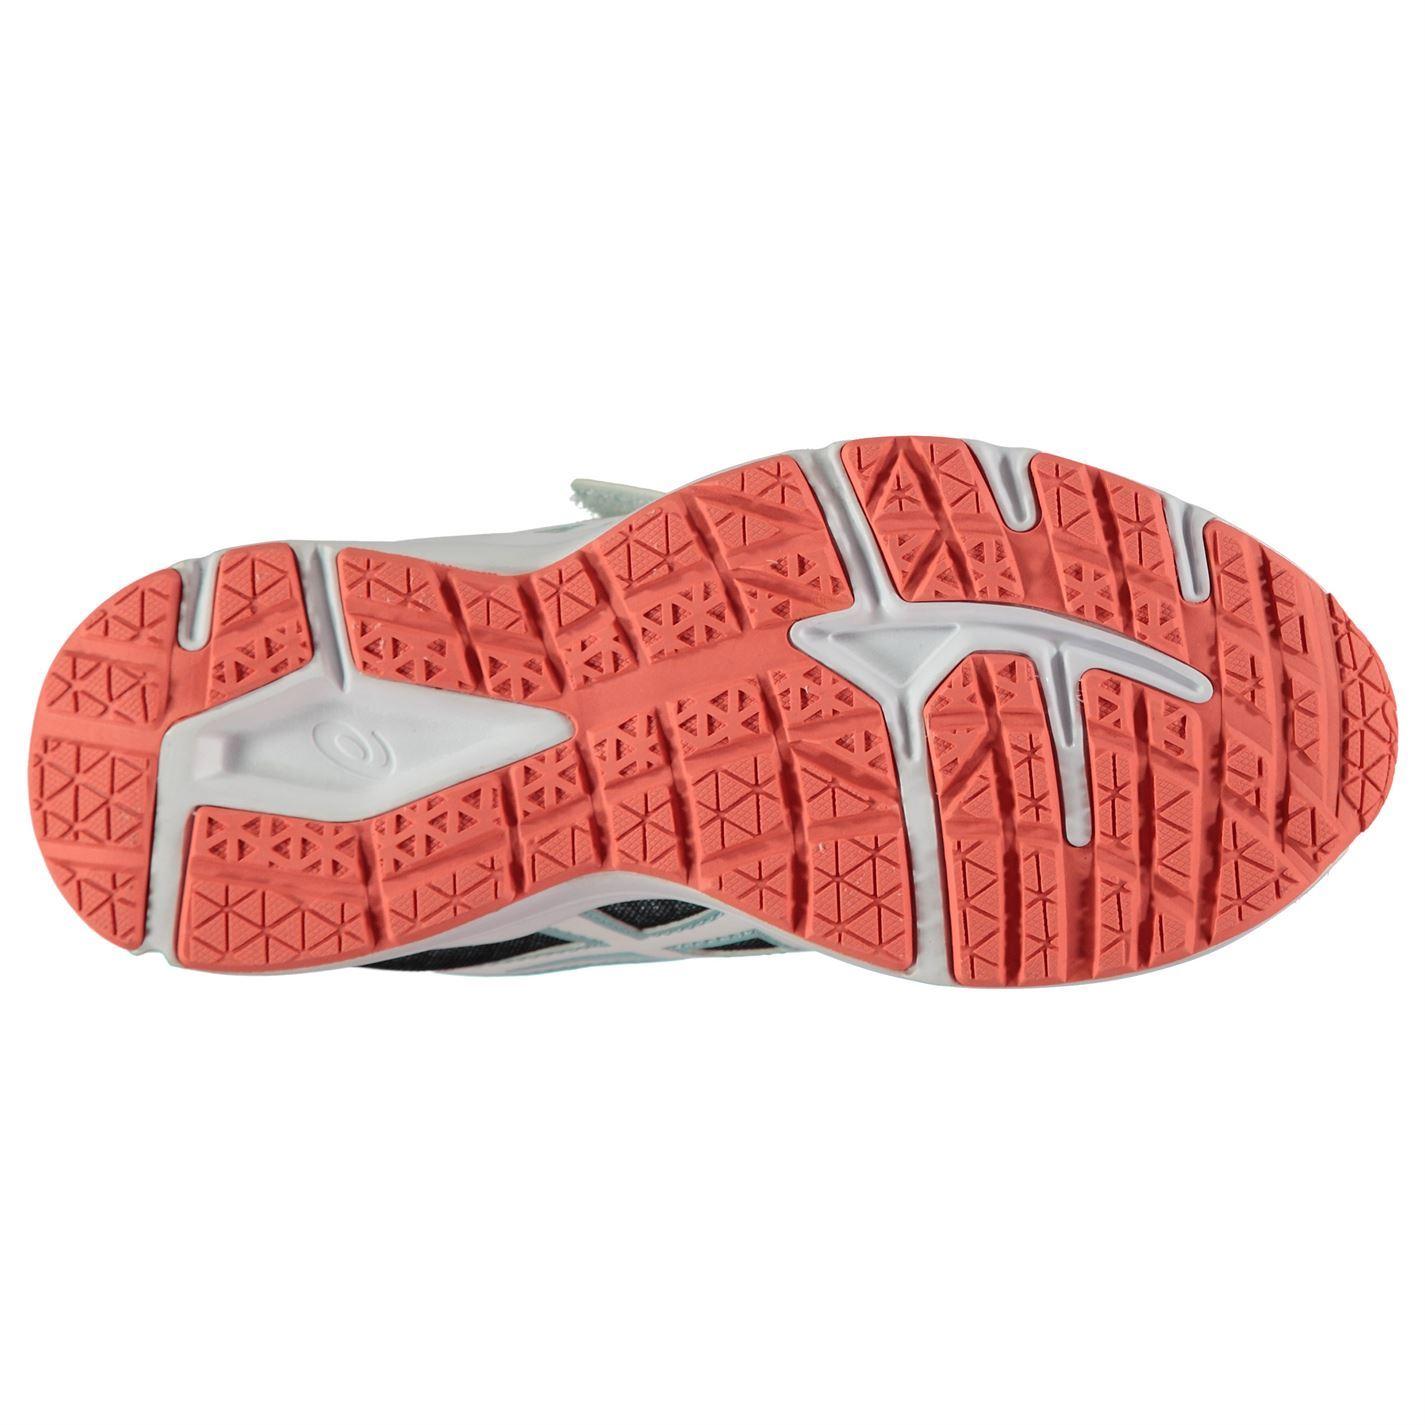 Detalles de Nike Air Max Movimiento 2 Zapatillas Infantil Niña NegroPlataRosa Calzado